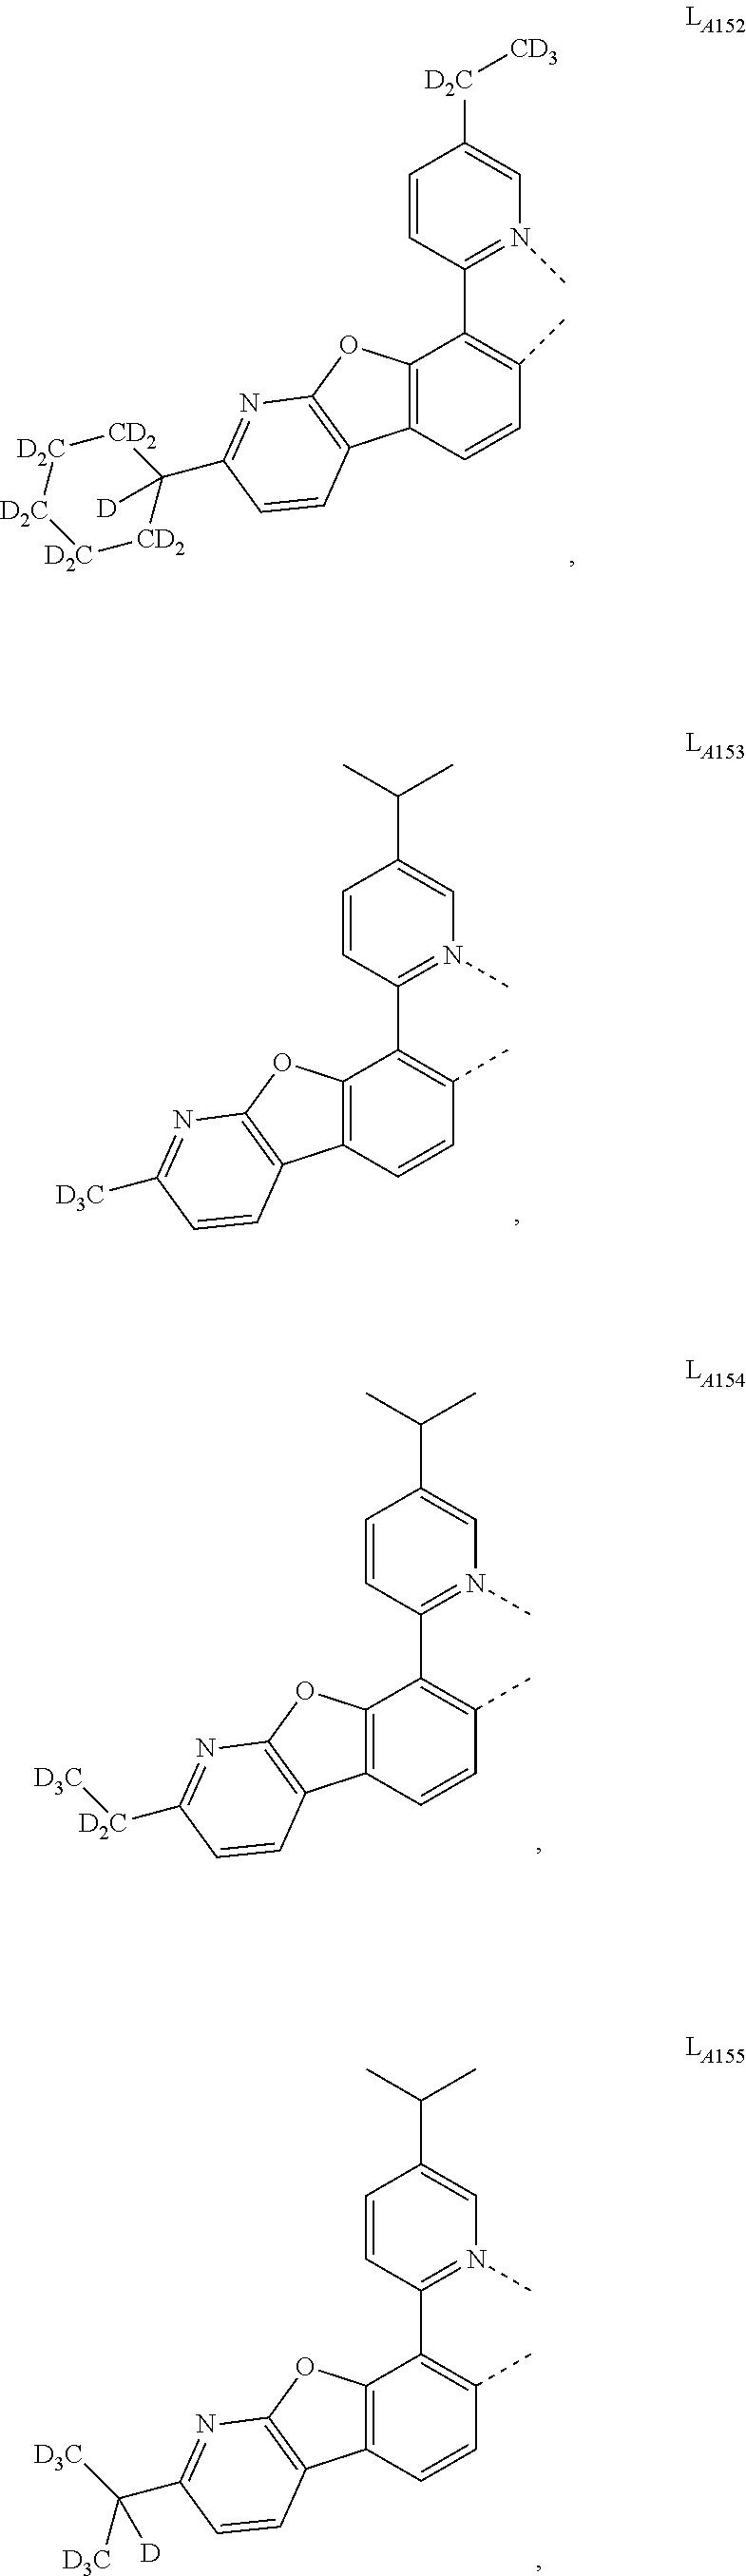 Figure US20160049599A1-20160218-C00043